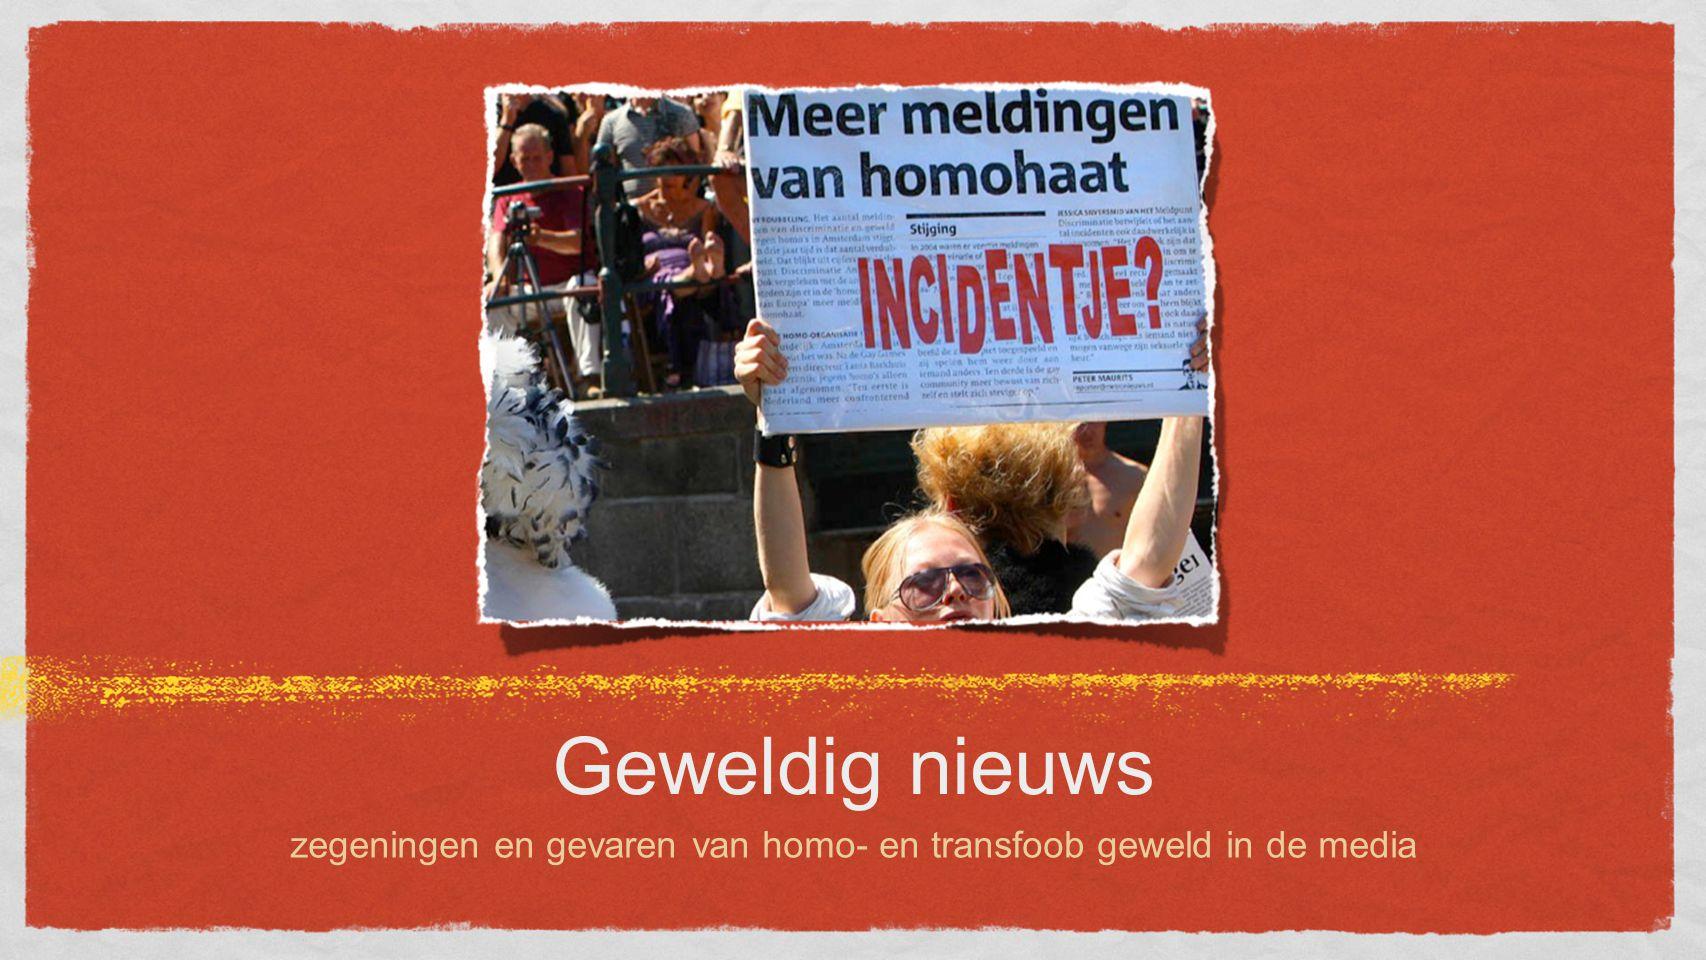 Geweldig nieuws zegeningen en gevaren van homo- en transfoob geweld in de media